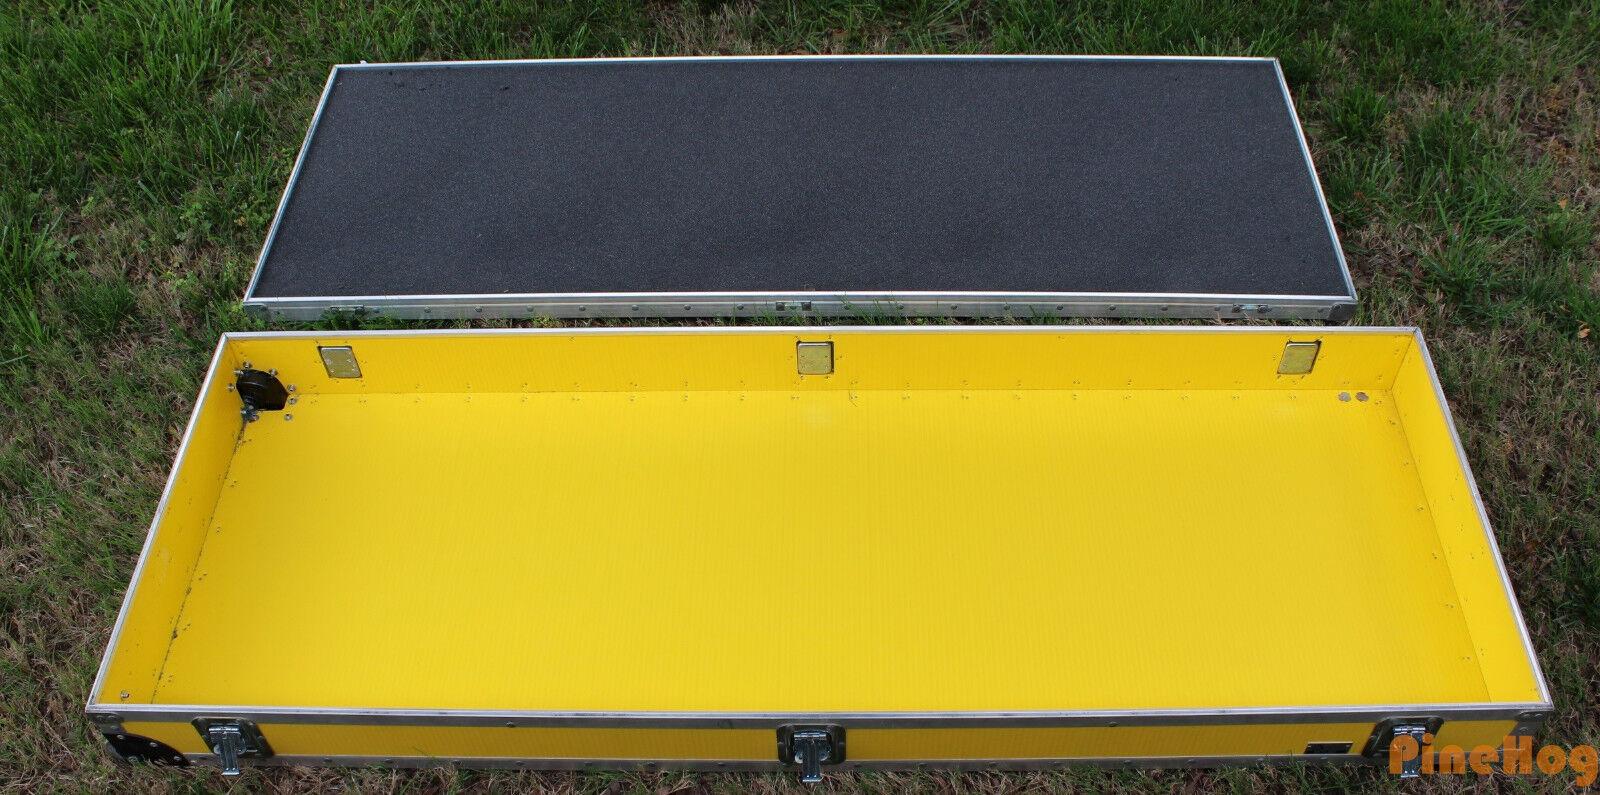 CARCASA rígida amarillo muy muy muy grandes Equipo Dj Duro Estuche de viaje de envío de electrónica  Centro comercial profesional integrado en línea.